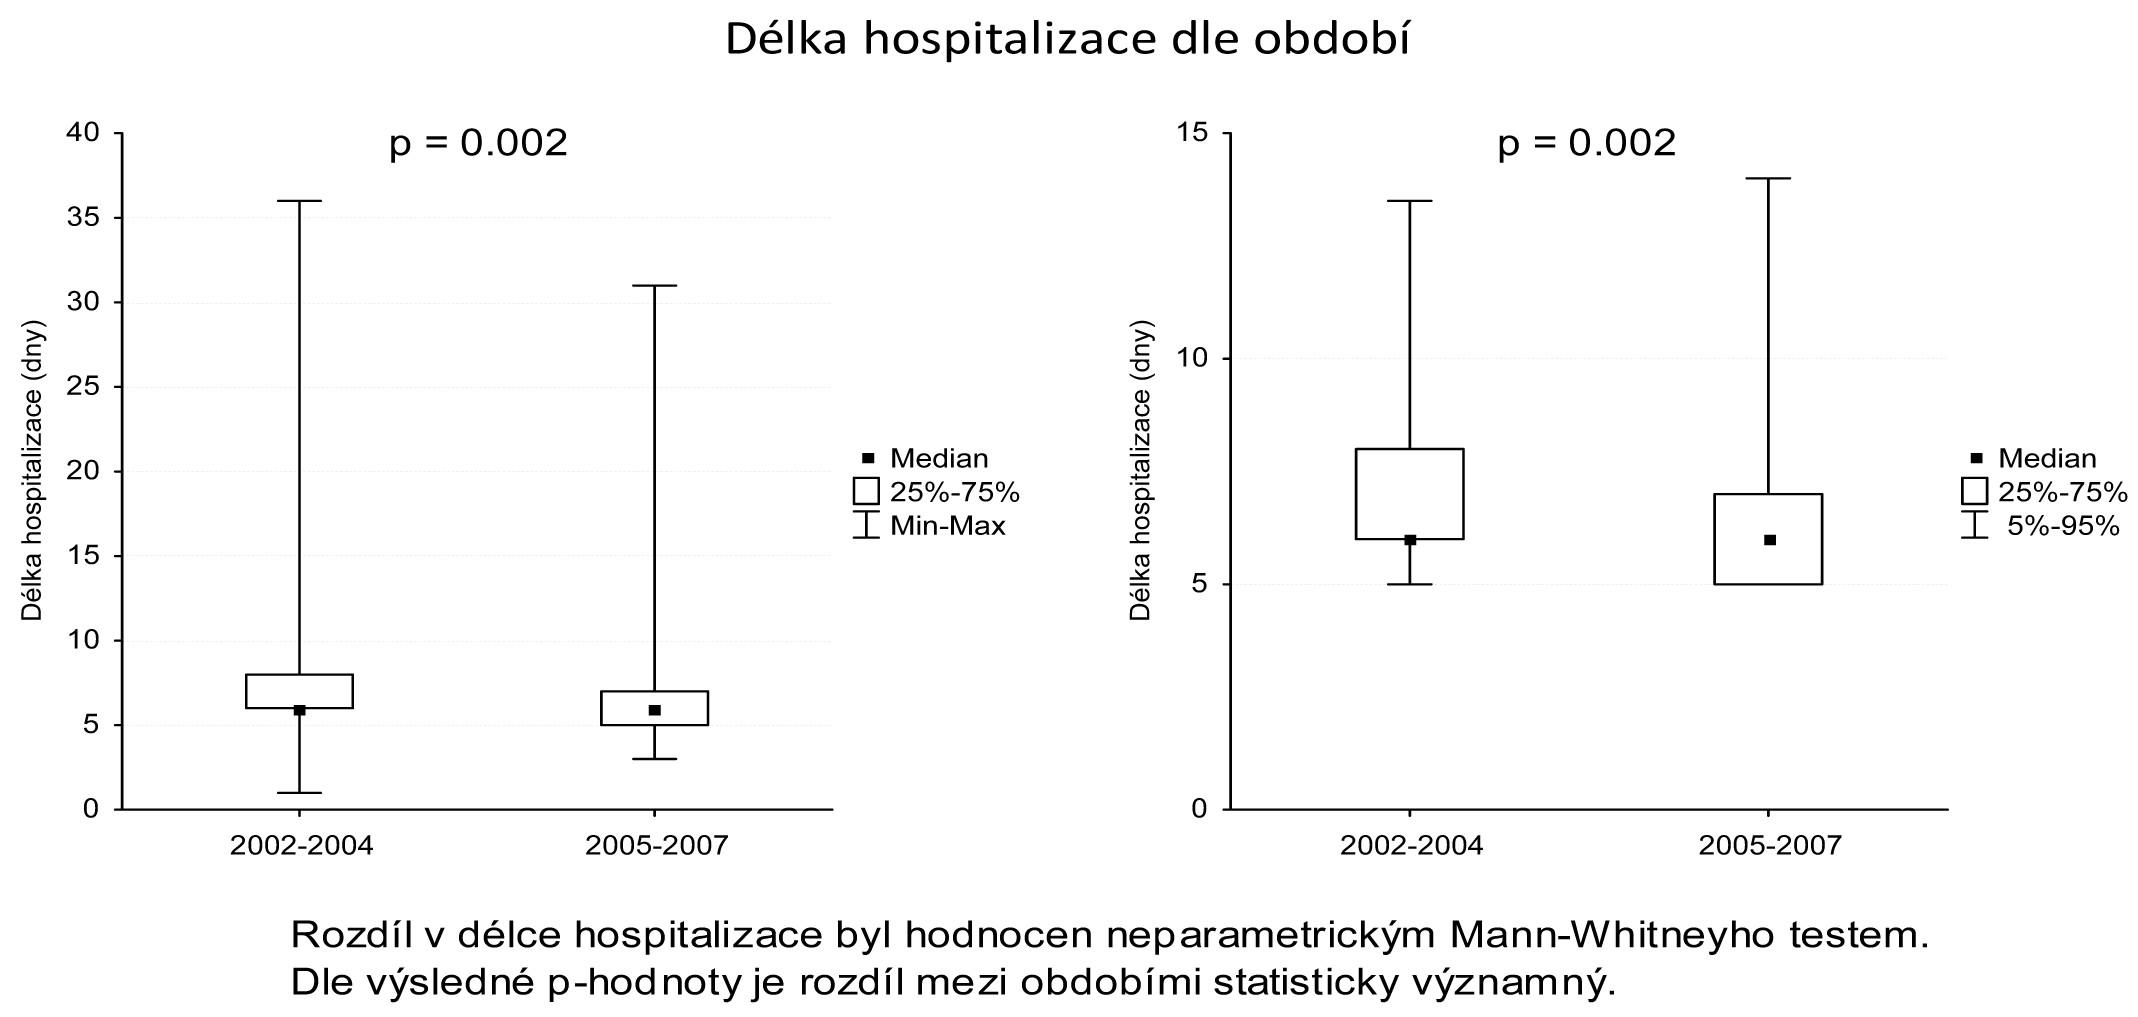 Porovnání délky pooperační hospitalizace Graph 2: Comparison of the post-operative hospital length of stay